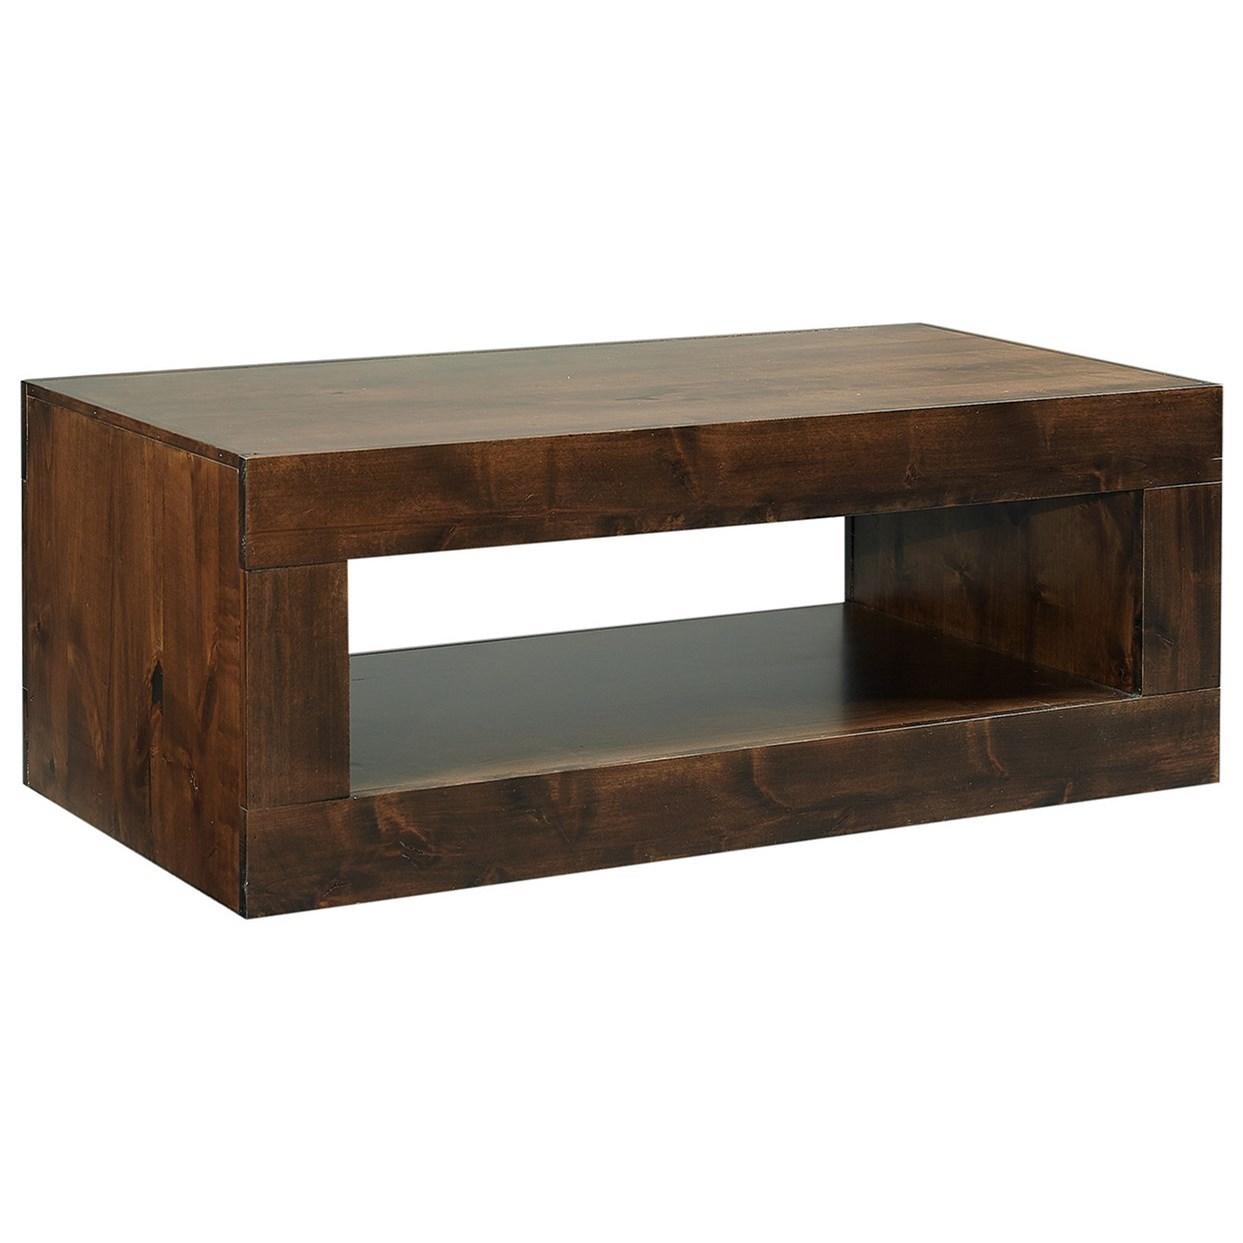 Nova Alder Cocktail Table by Aspenhome at Walker's Furniture